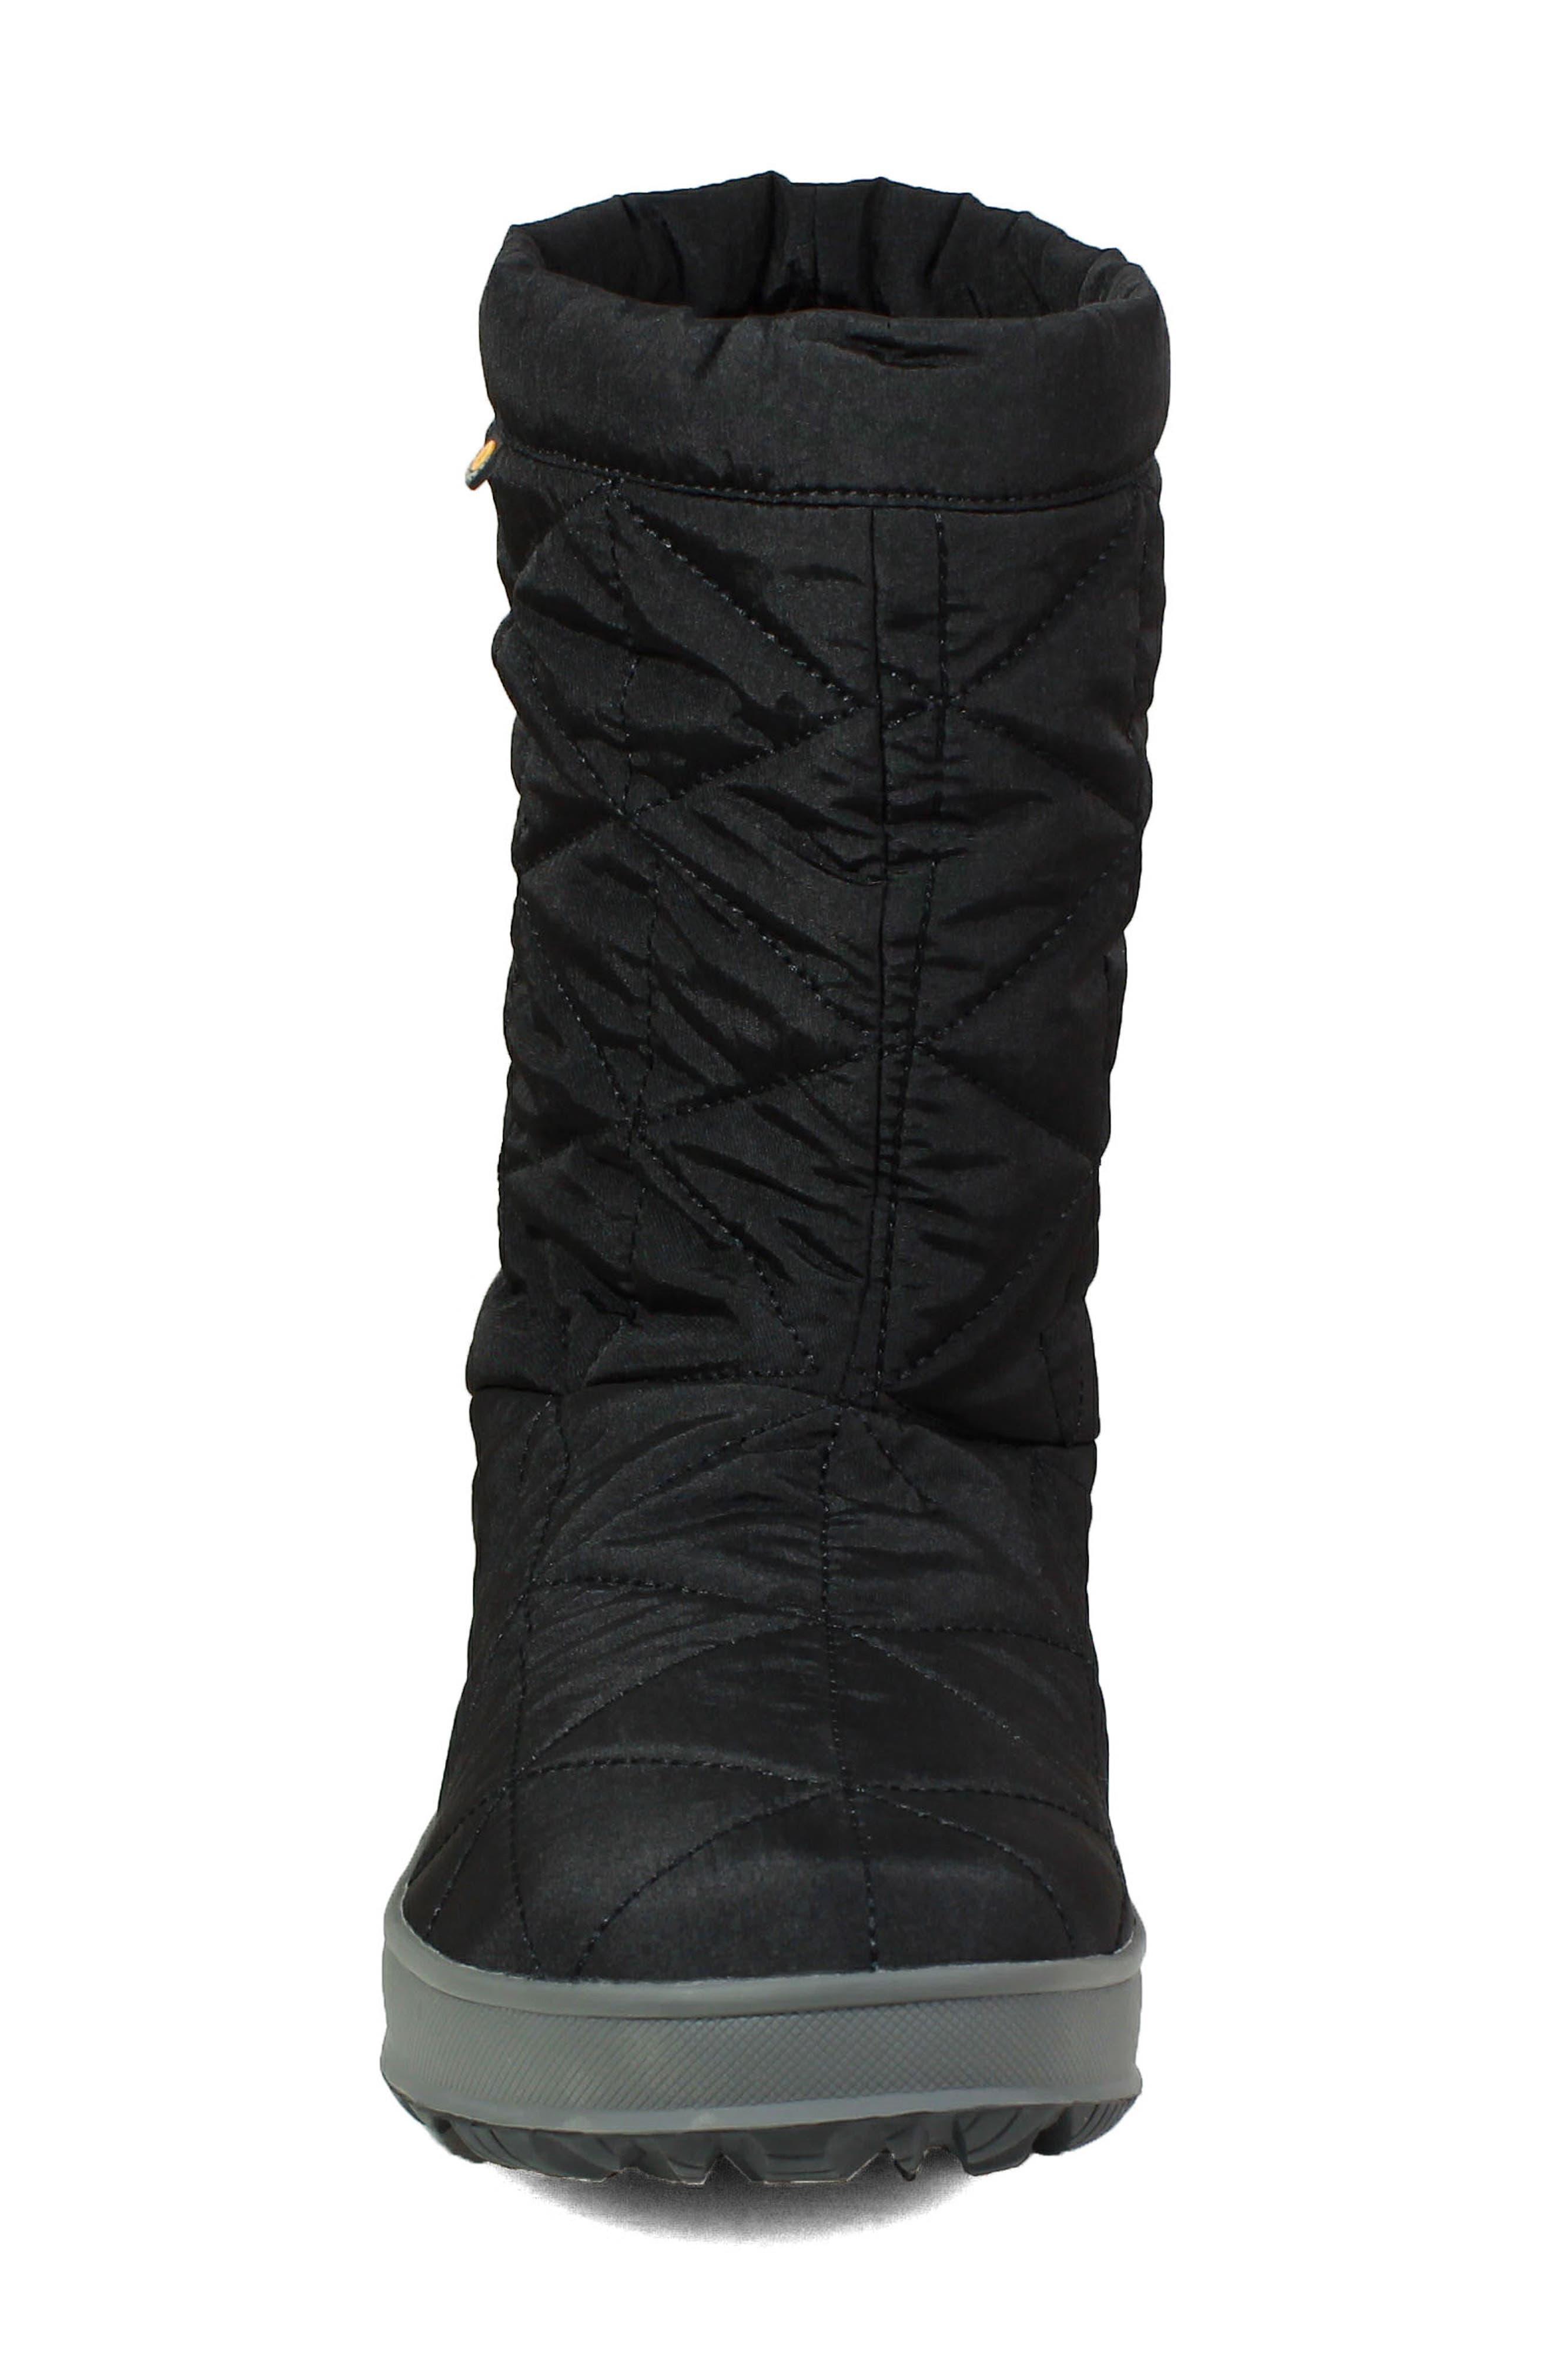 BOGS, Mid Snowday Waterproof Bootie, Alternate thumbnail 4, color, BLACK